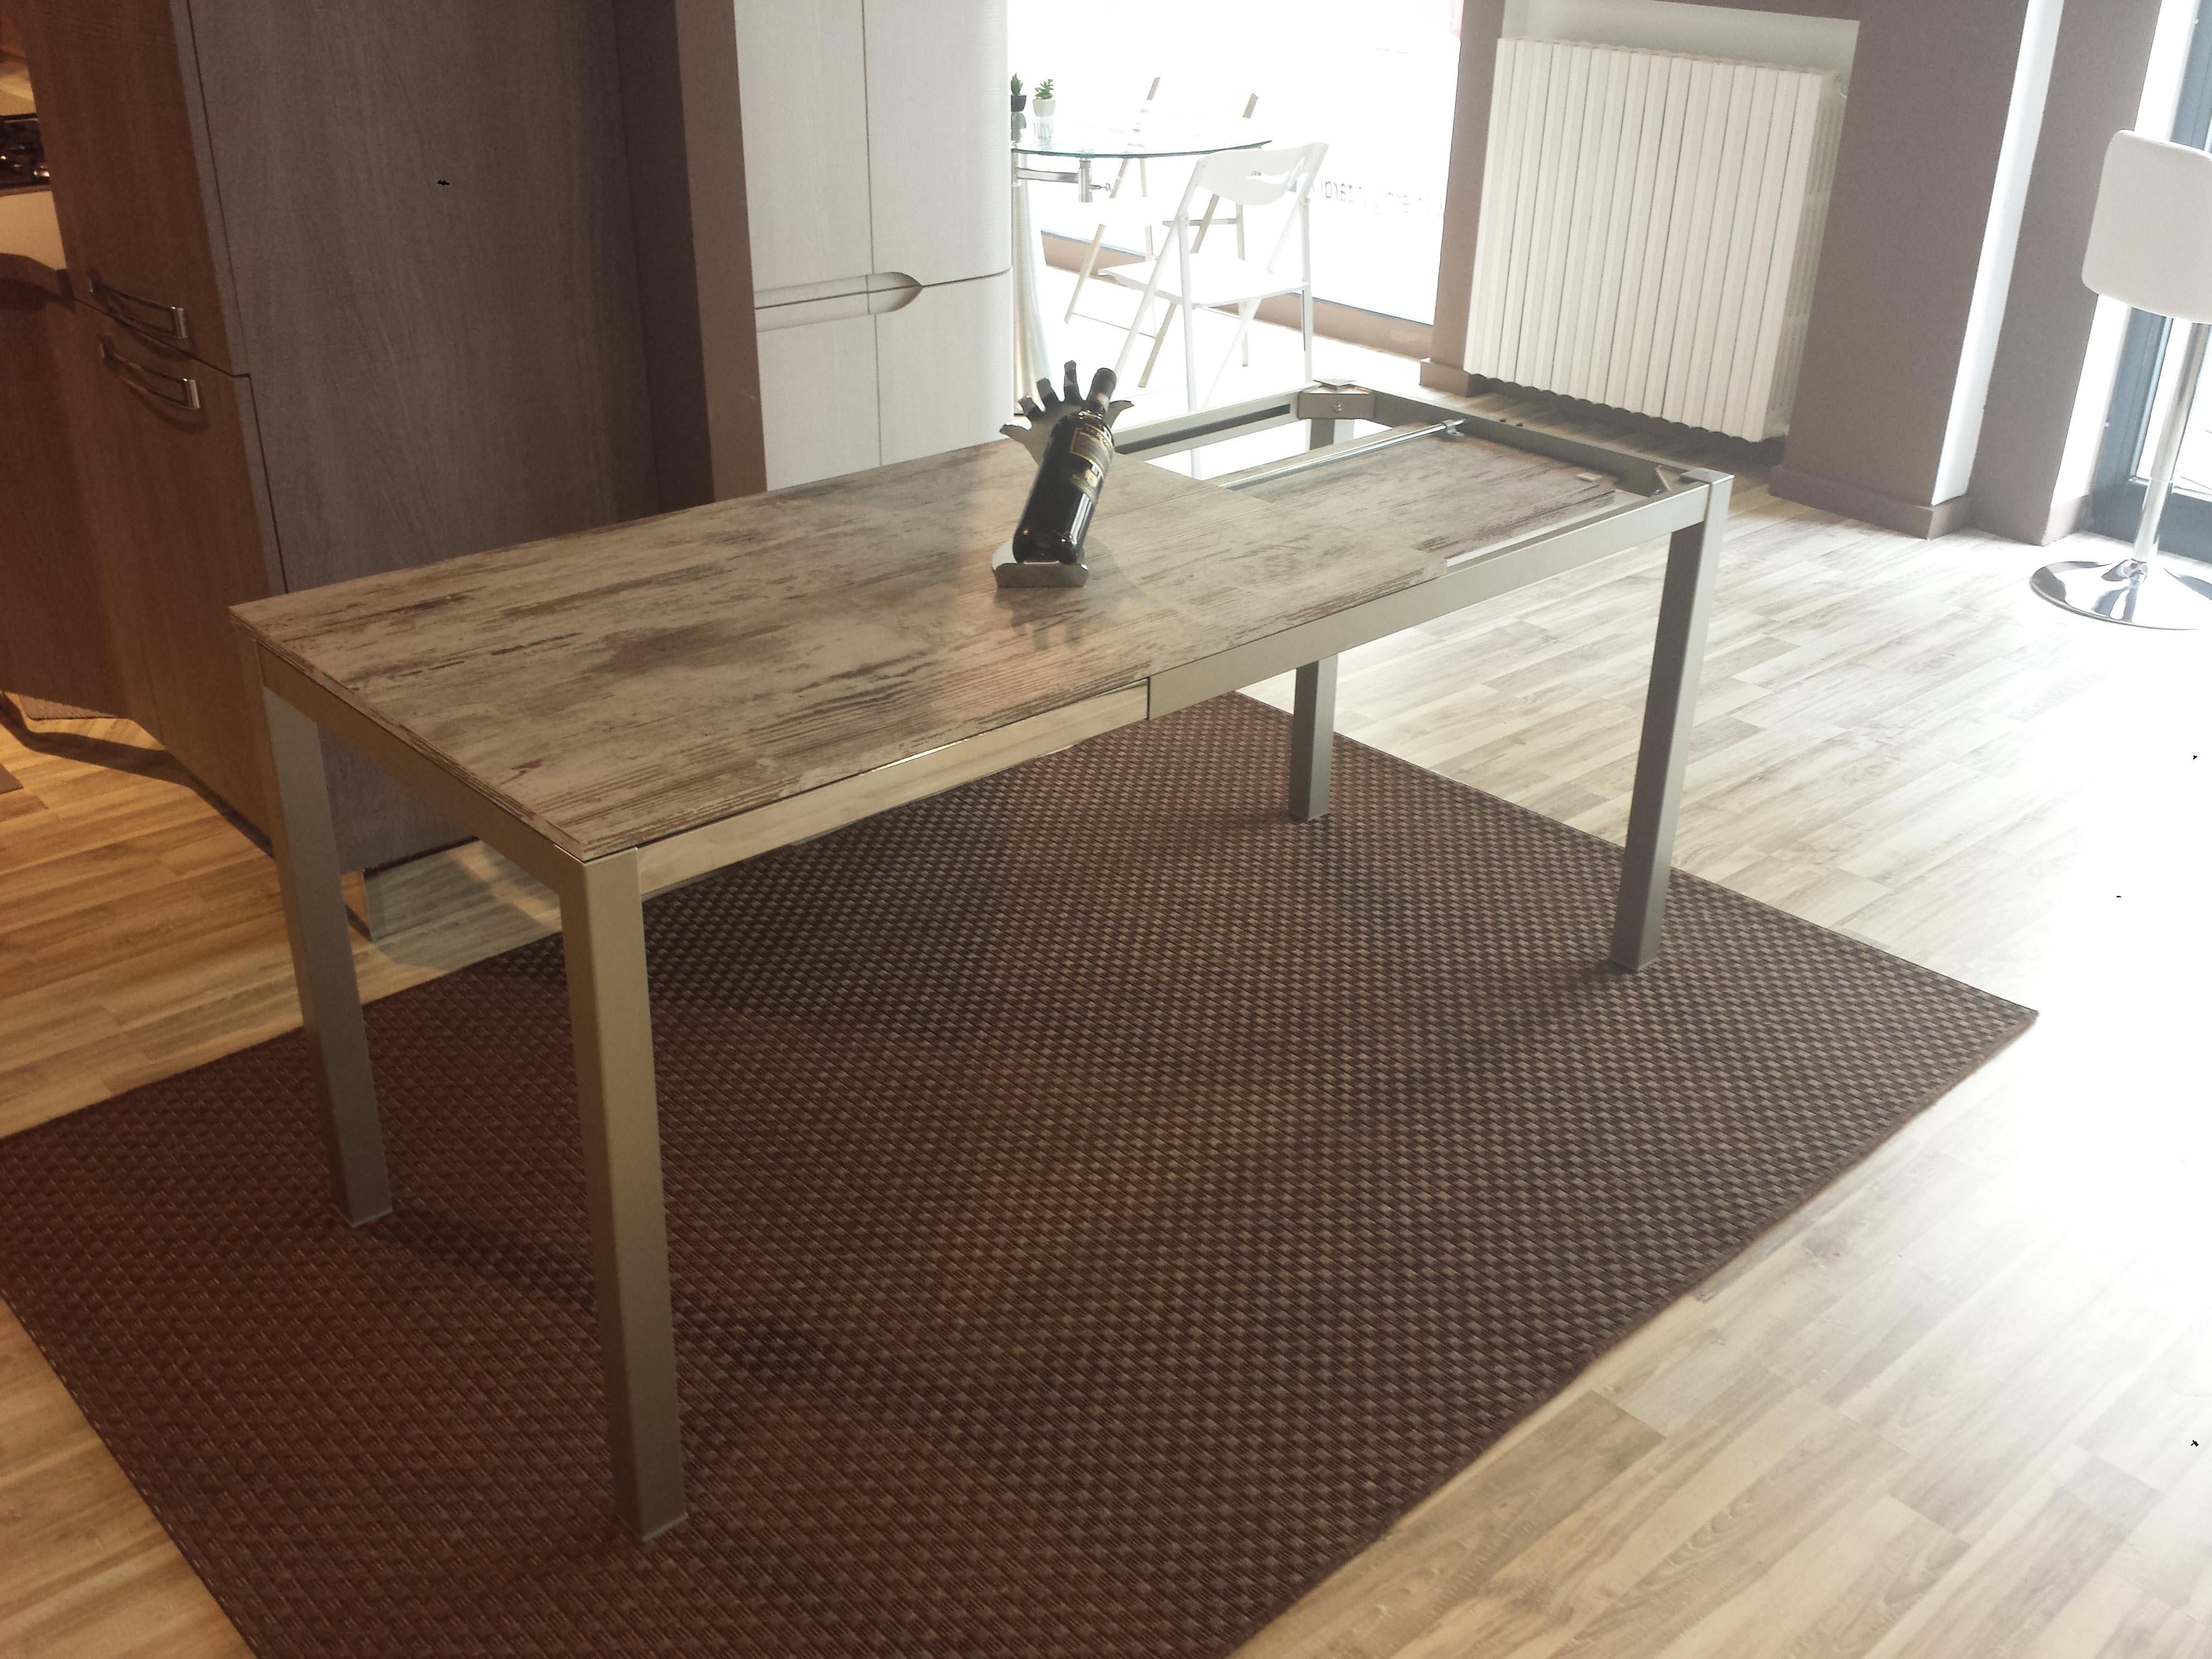 Tavolo da cucina allungabile kitchen tavoli a prezzi - Tavolo da cucina ...